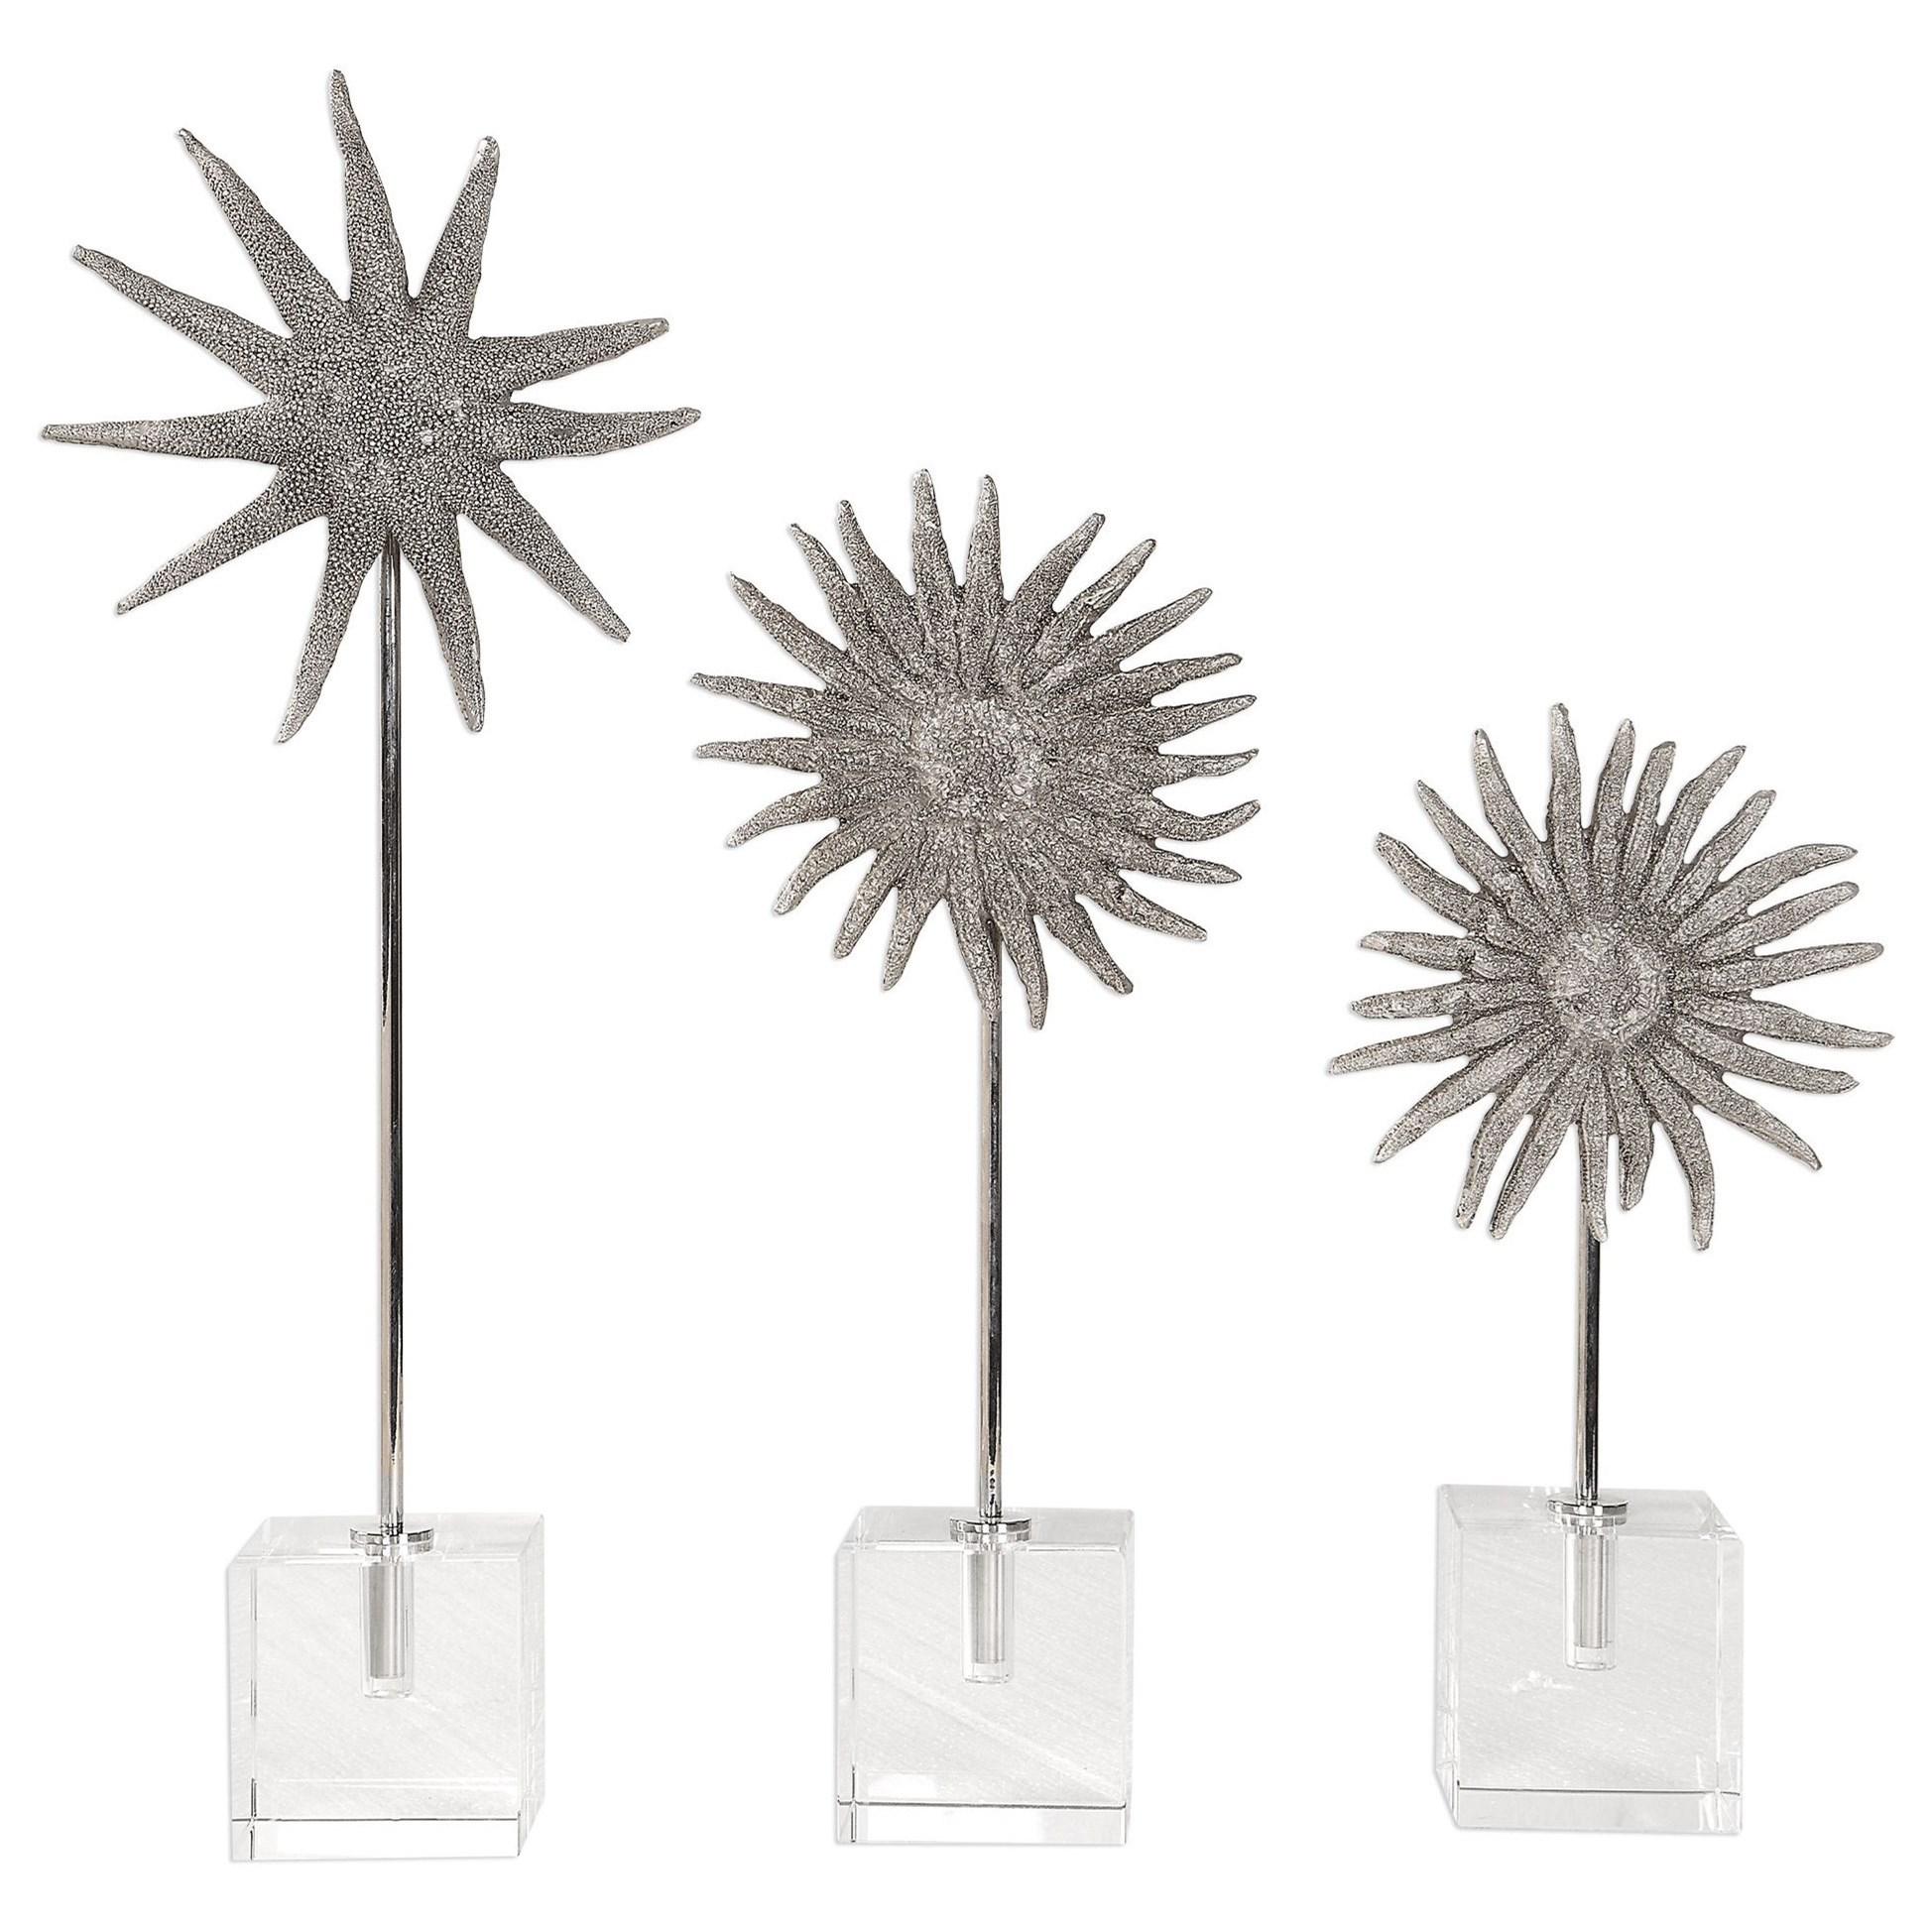 Sunflower Starfish Sculptures, S/3